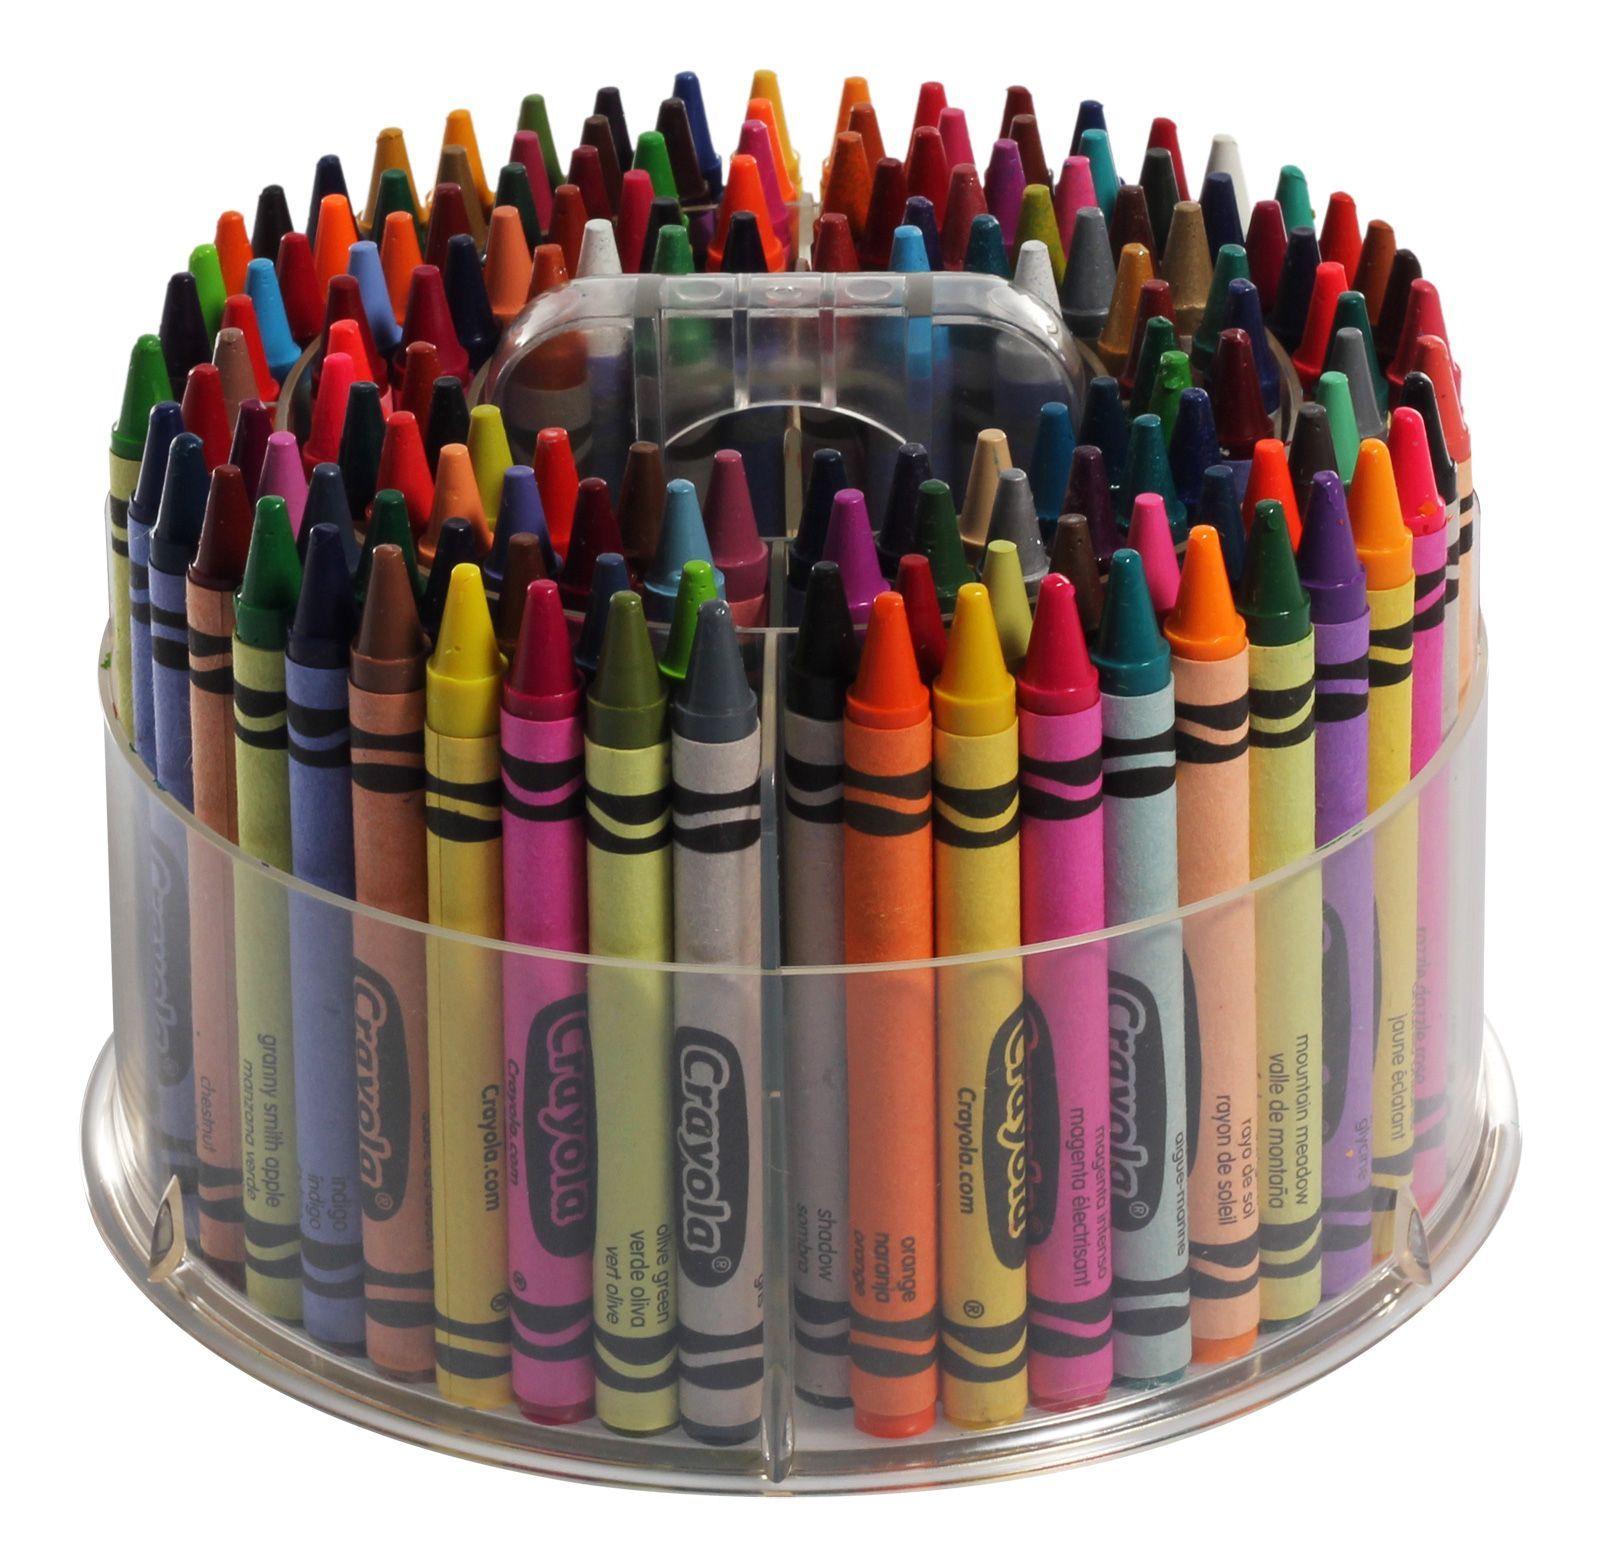 crayola tower - Crayola Color Online